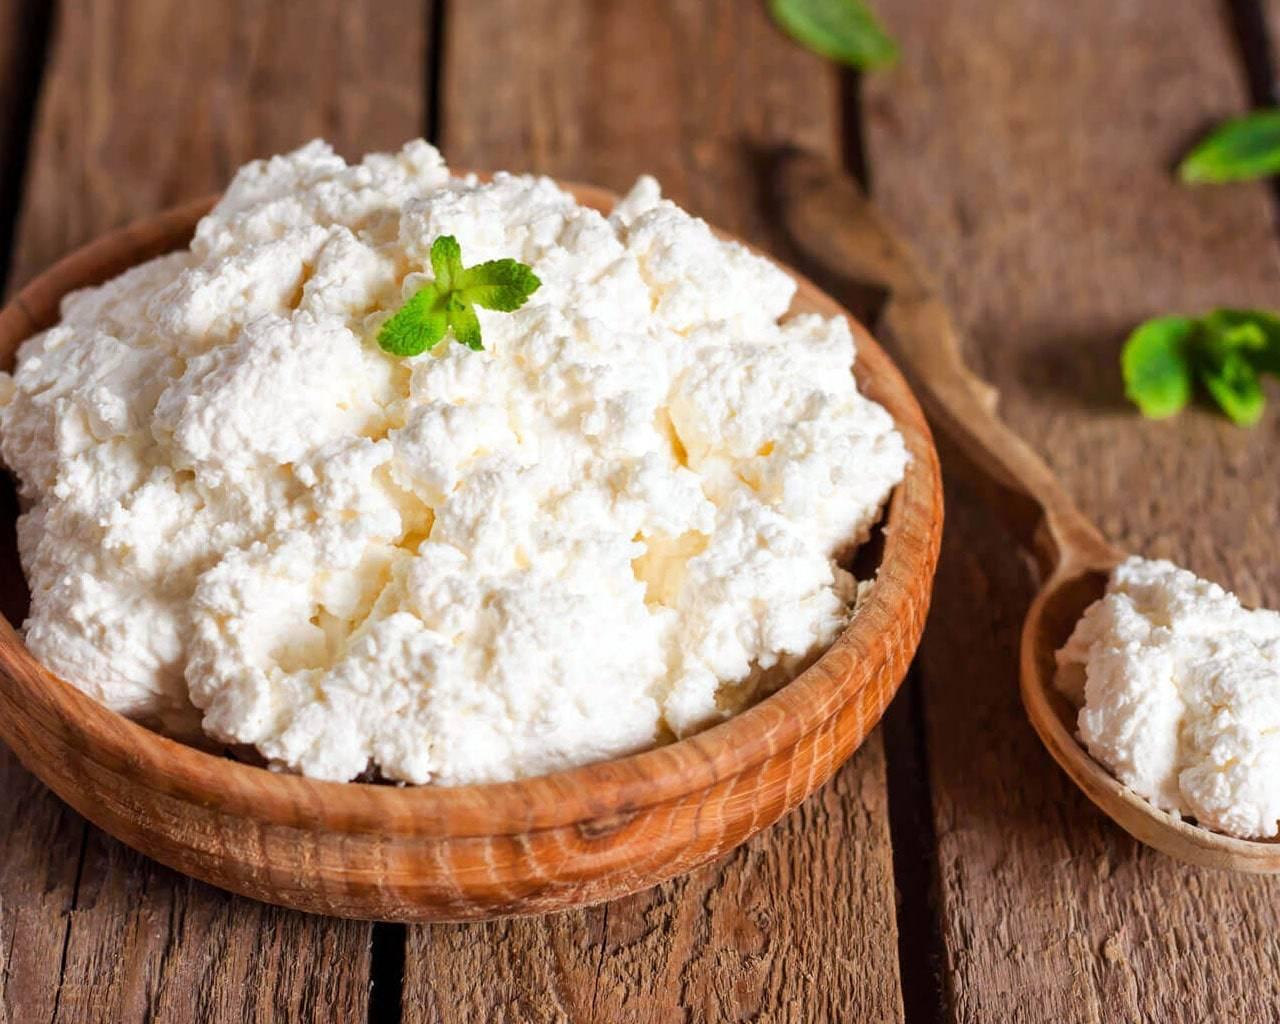 Сырники для детей 1 года - рецепты из творога для годовалого ребенка